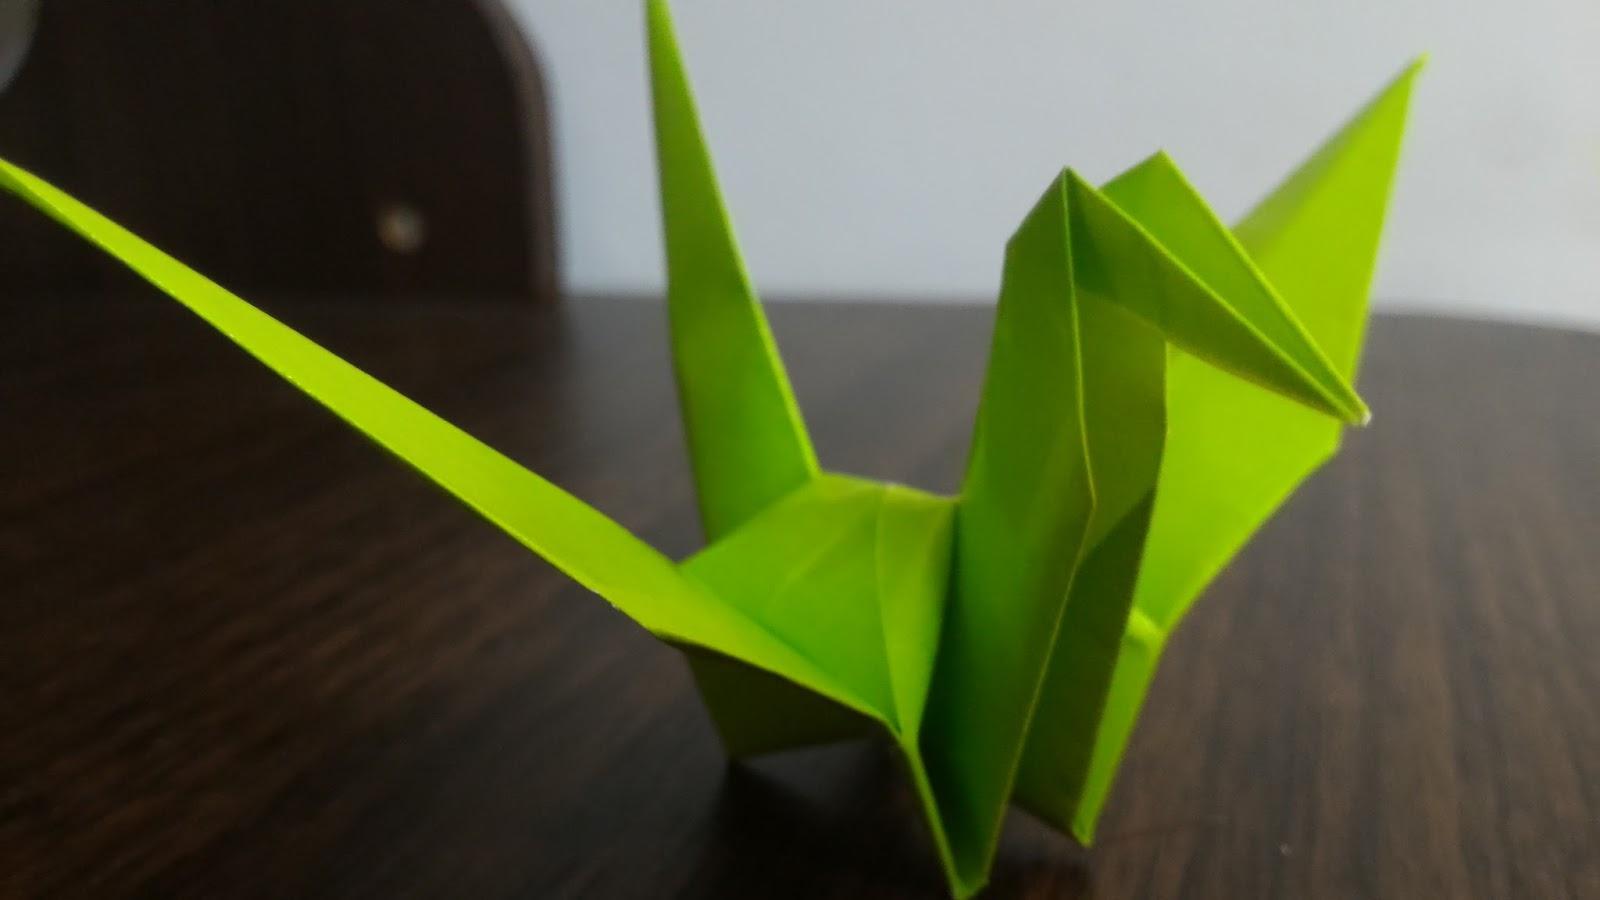 茶包: 你還不會折紙鶴嗎? - 紙鶴教學